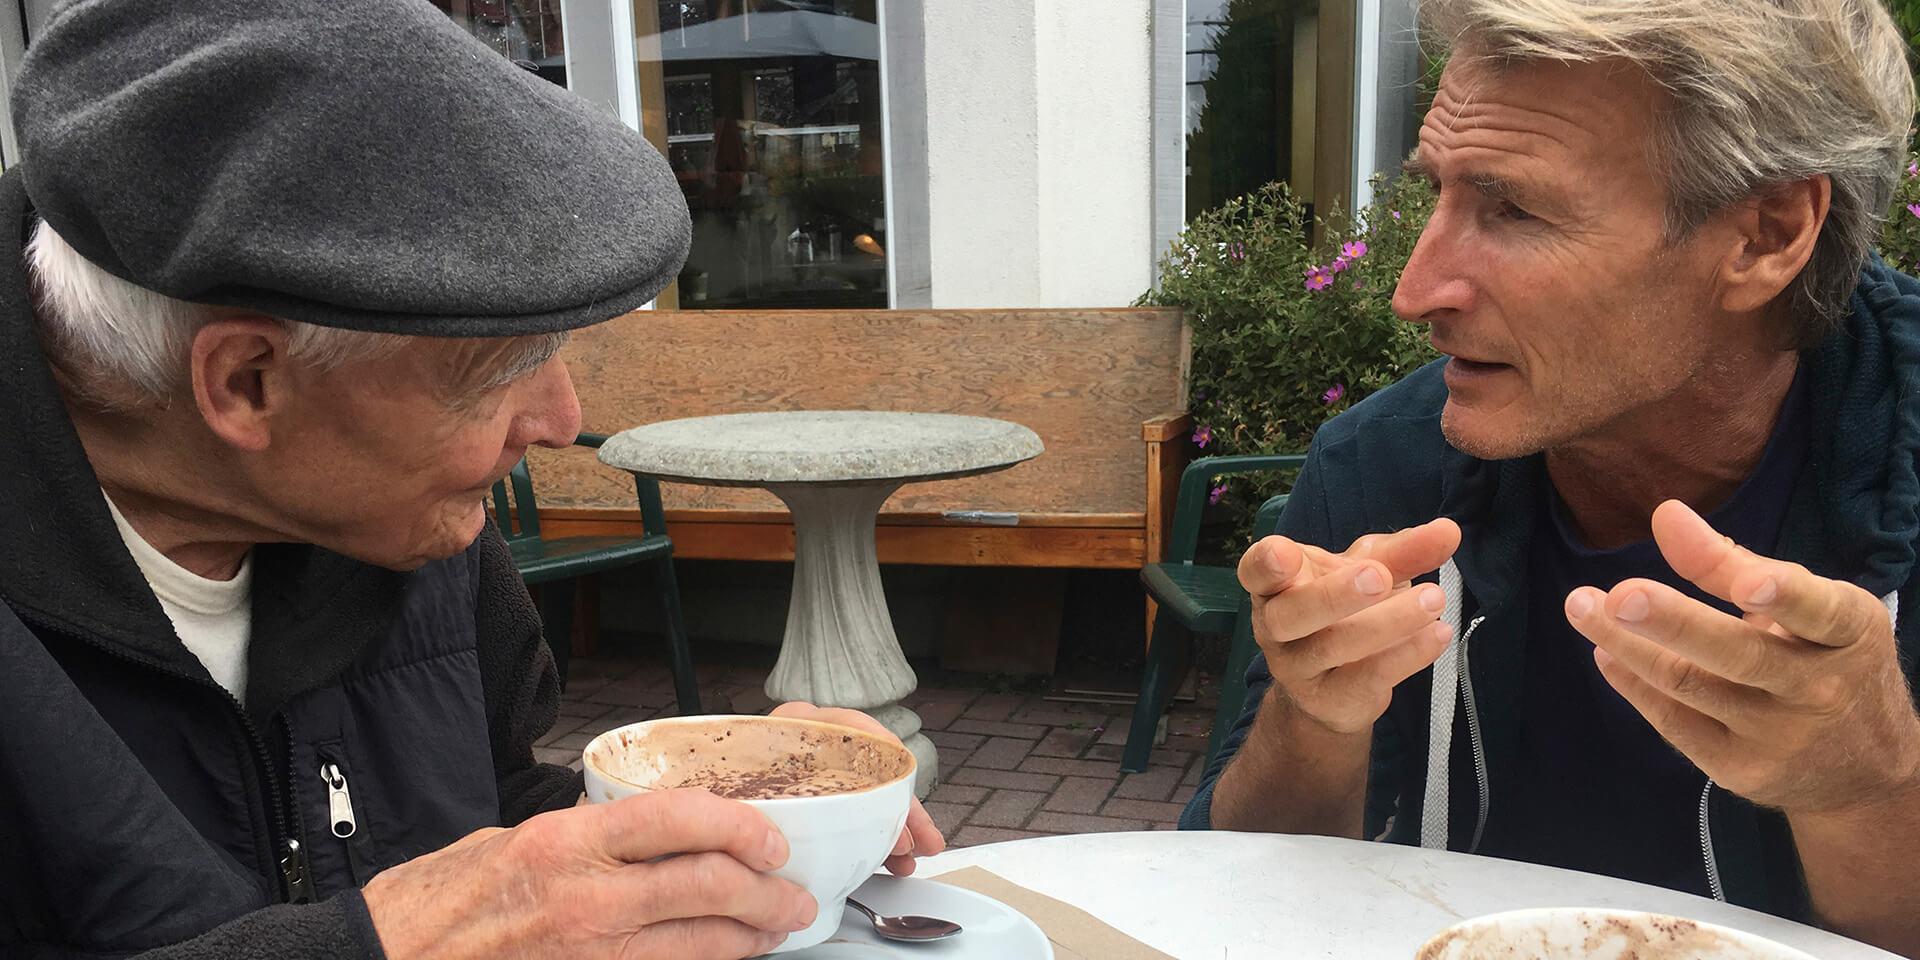 Gespräch zwischen einem älteren und einem jüngeren Mann